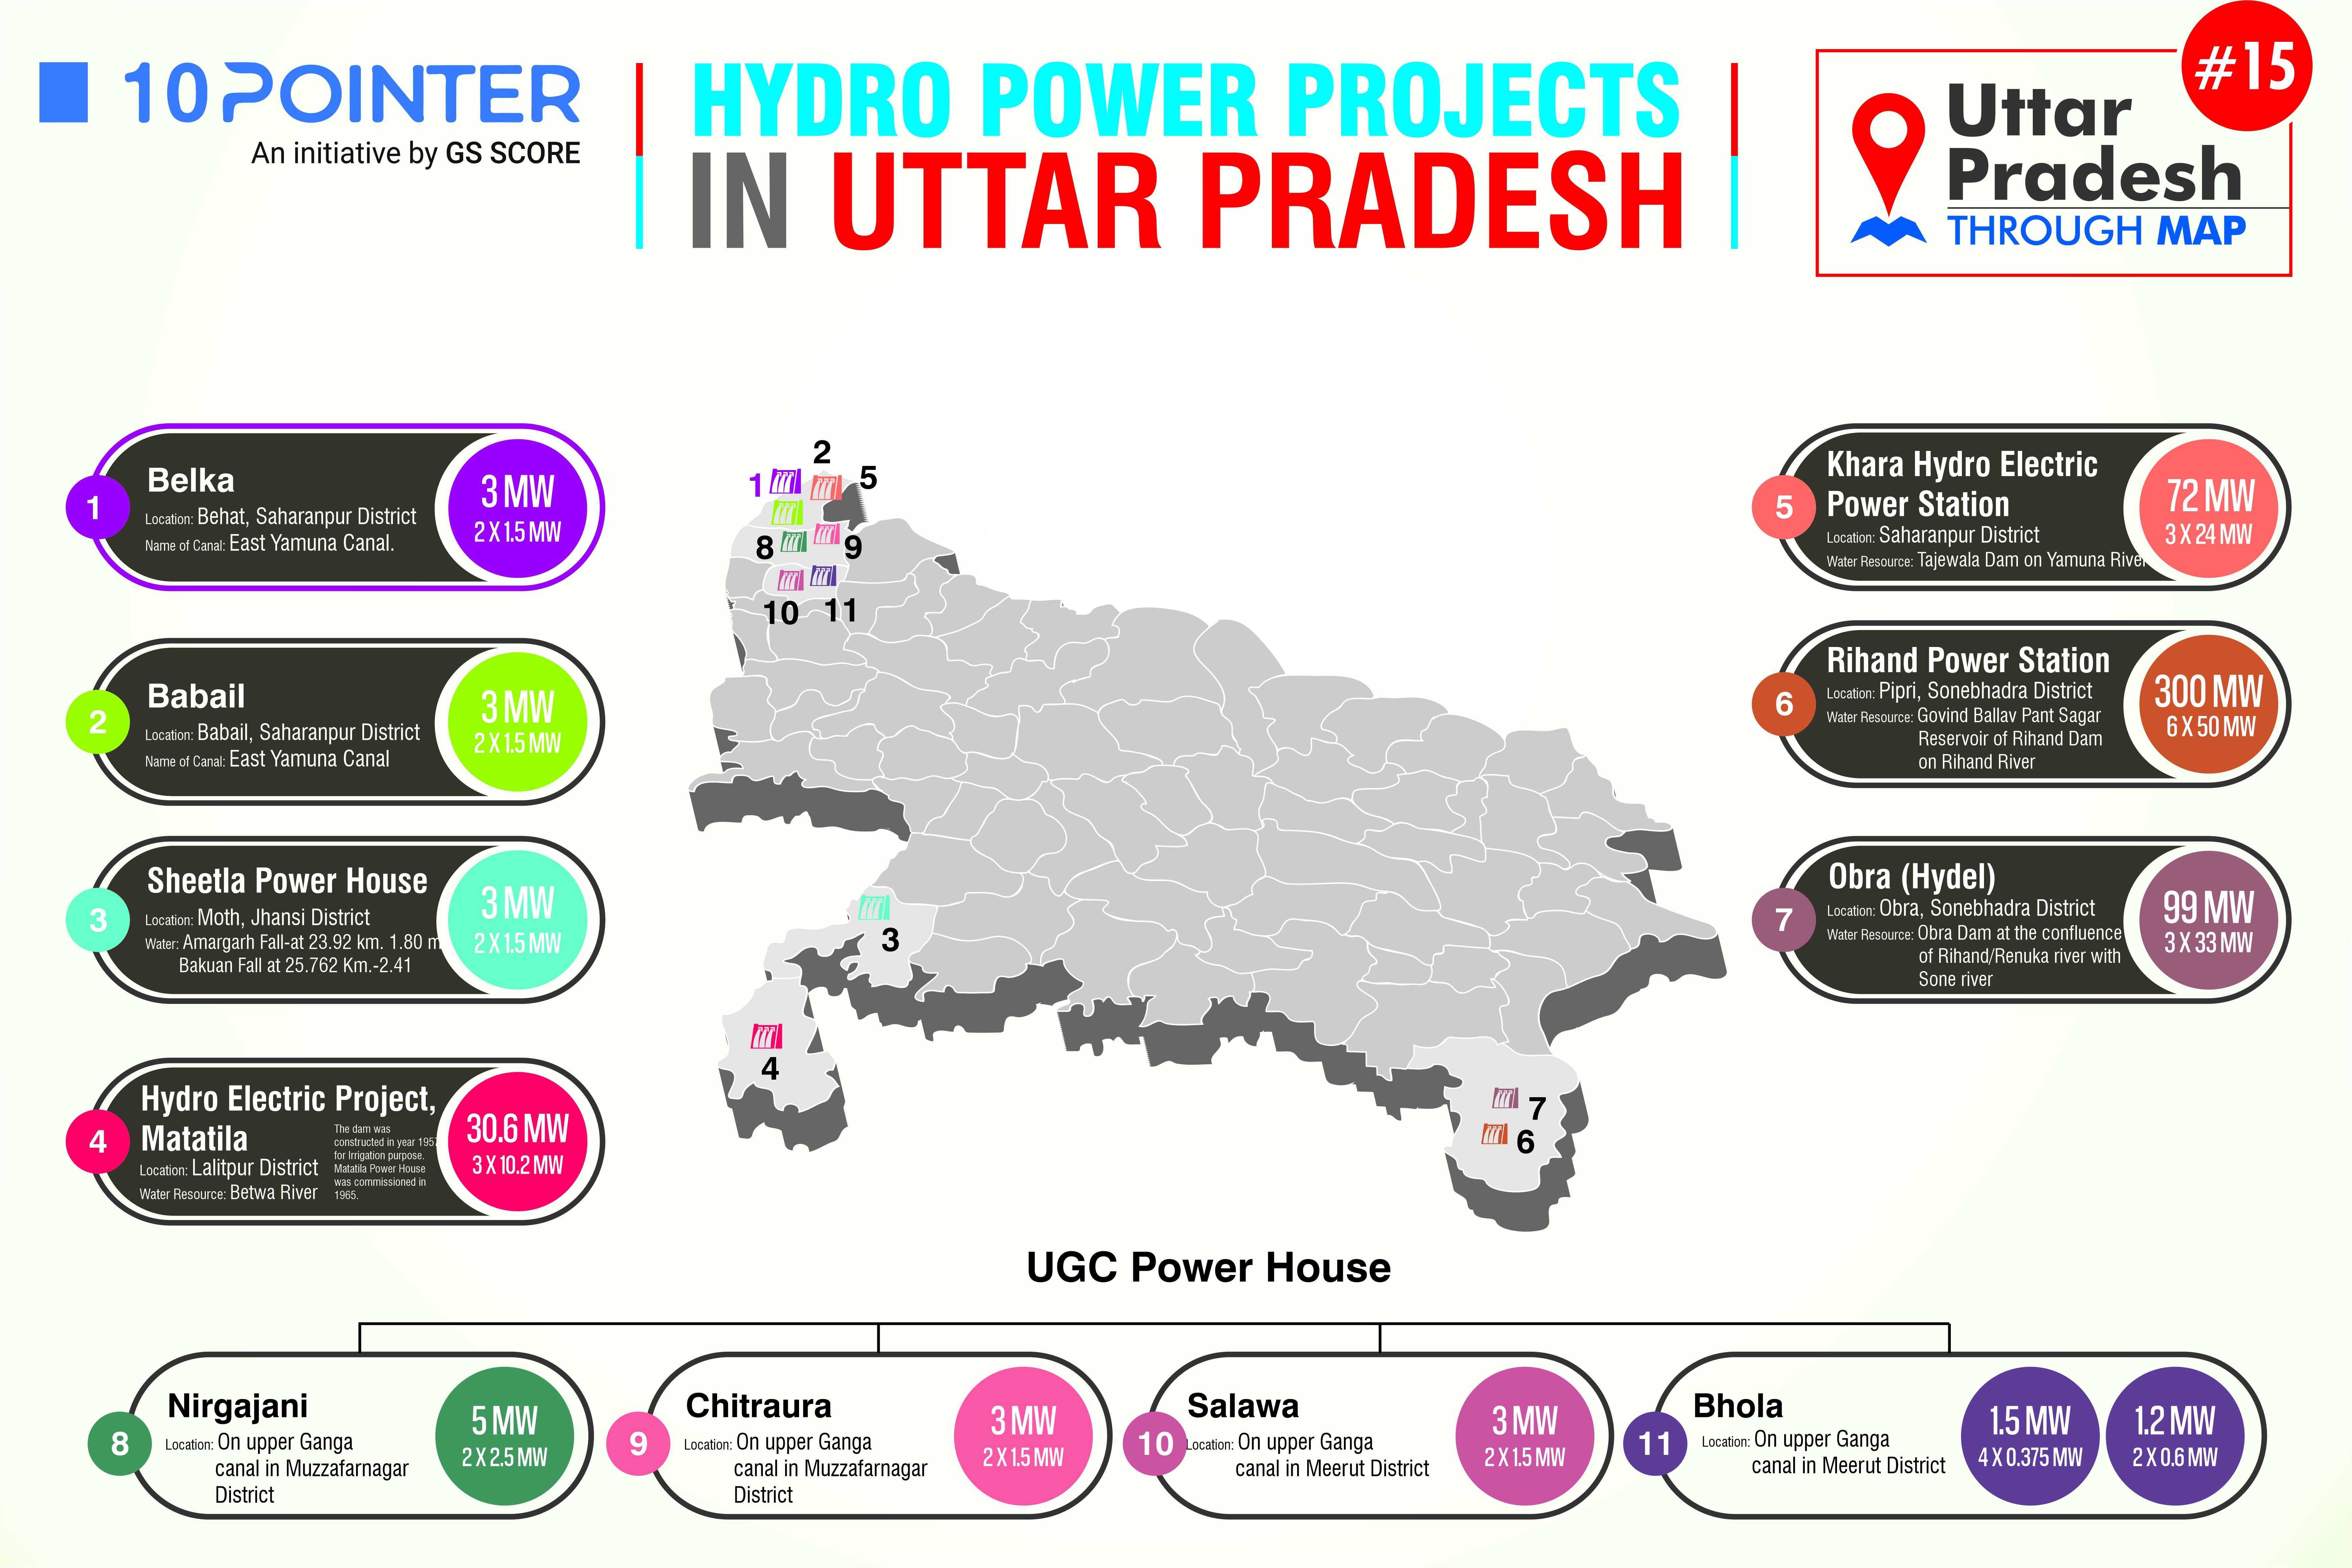 Hydro Power Project in Utter Pradesh